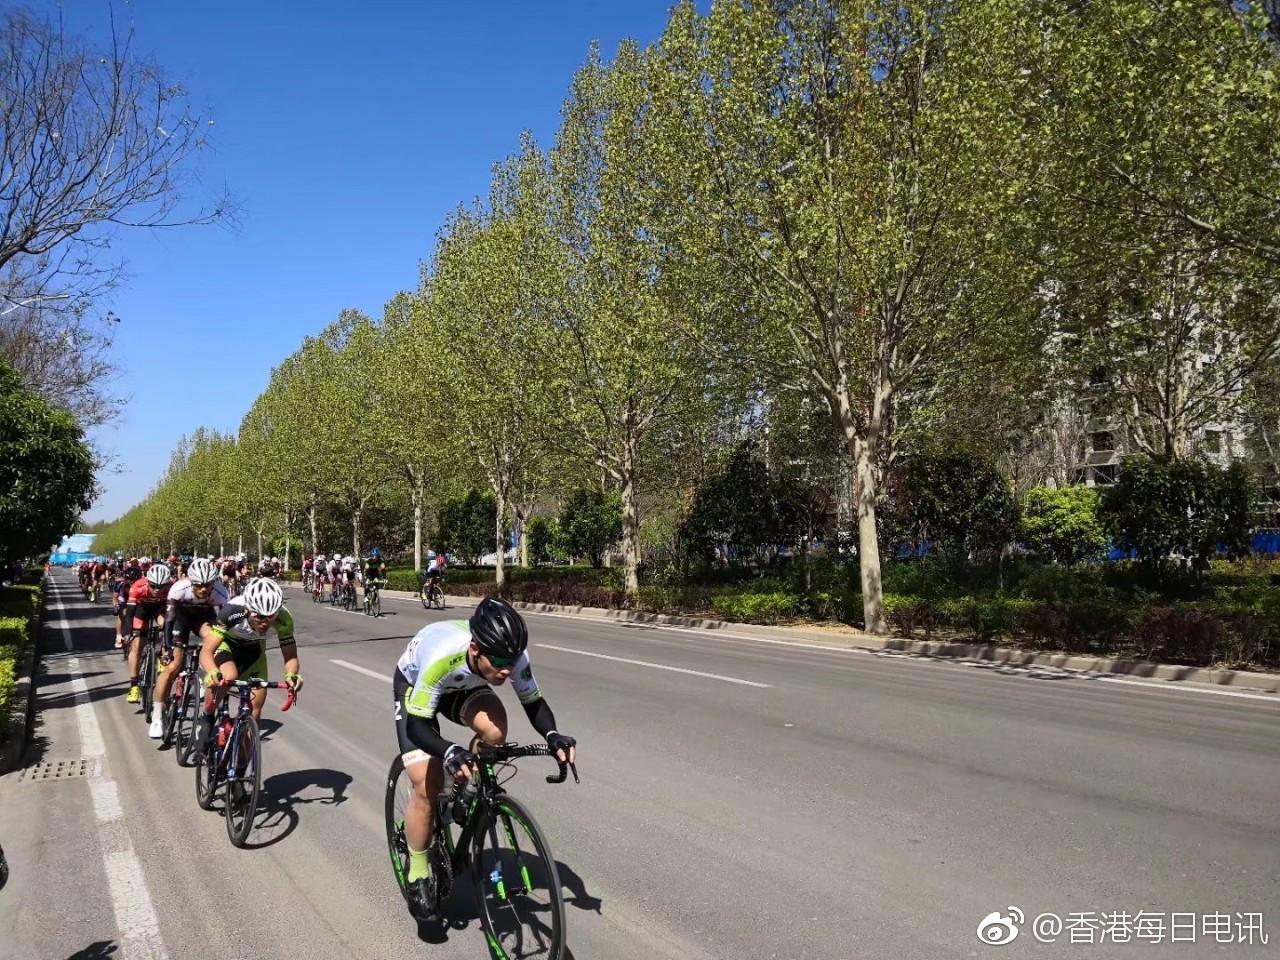 河南省自行车现代五项运动管理中心,河南省自行车运动协会,鹤壁市体育